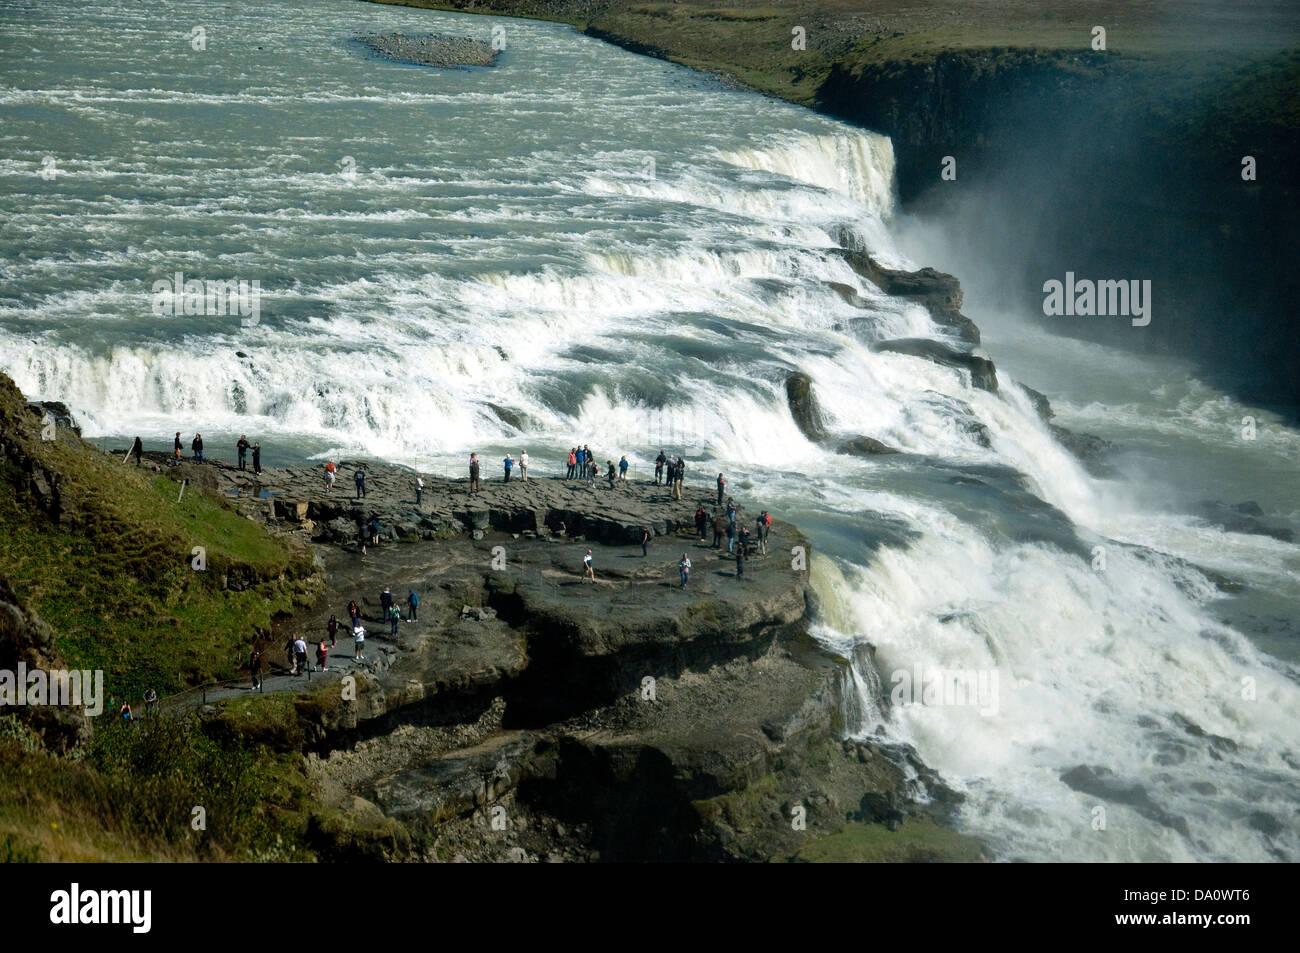 L'Islande, Gullfoss waterfall les plus spectaculaires, deux cascades sur la rivière Hvita qui coule dans Photo Stock